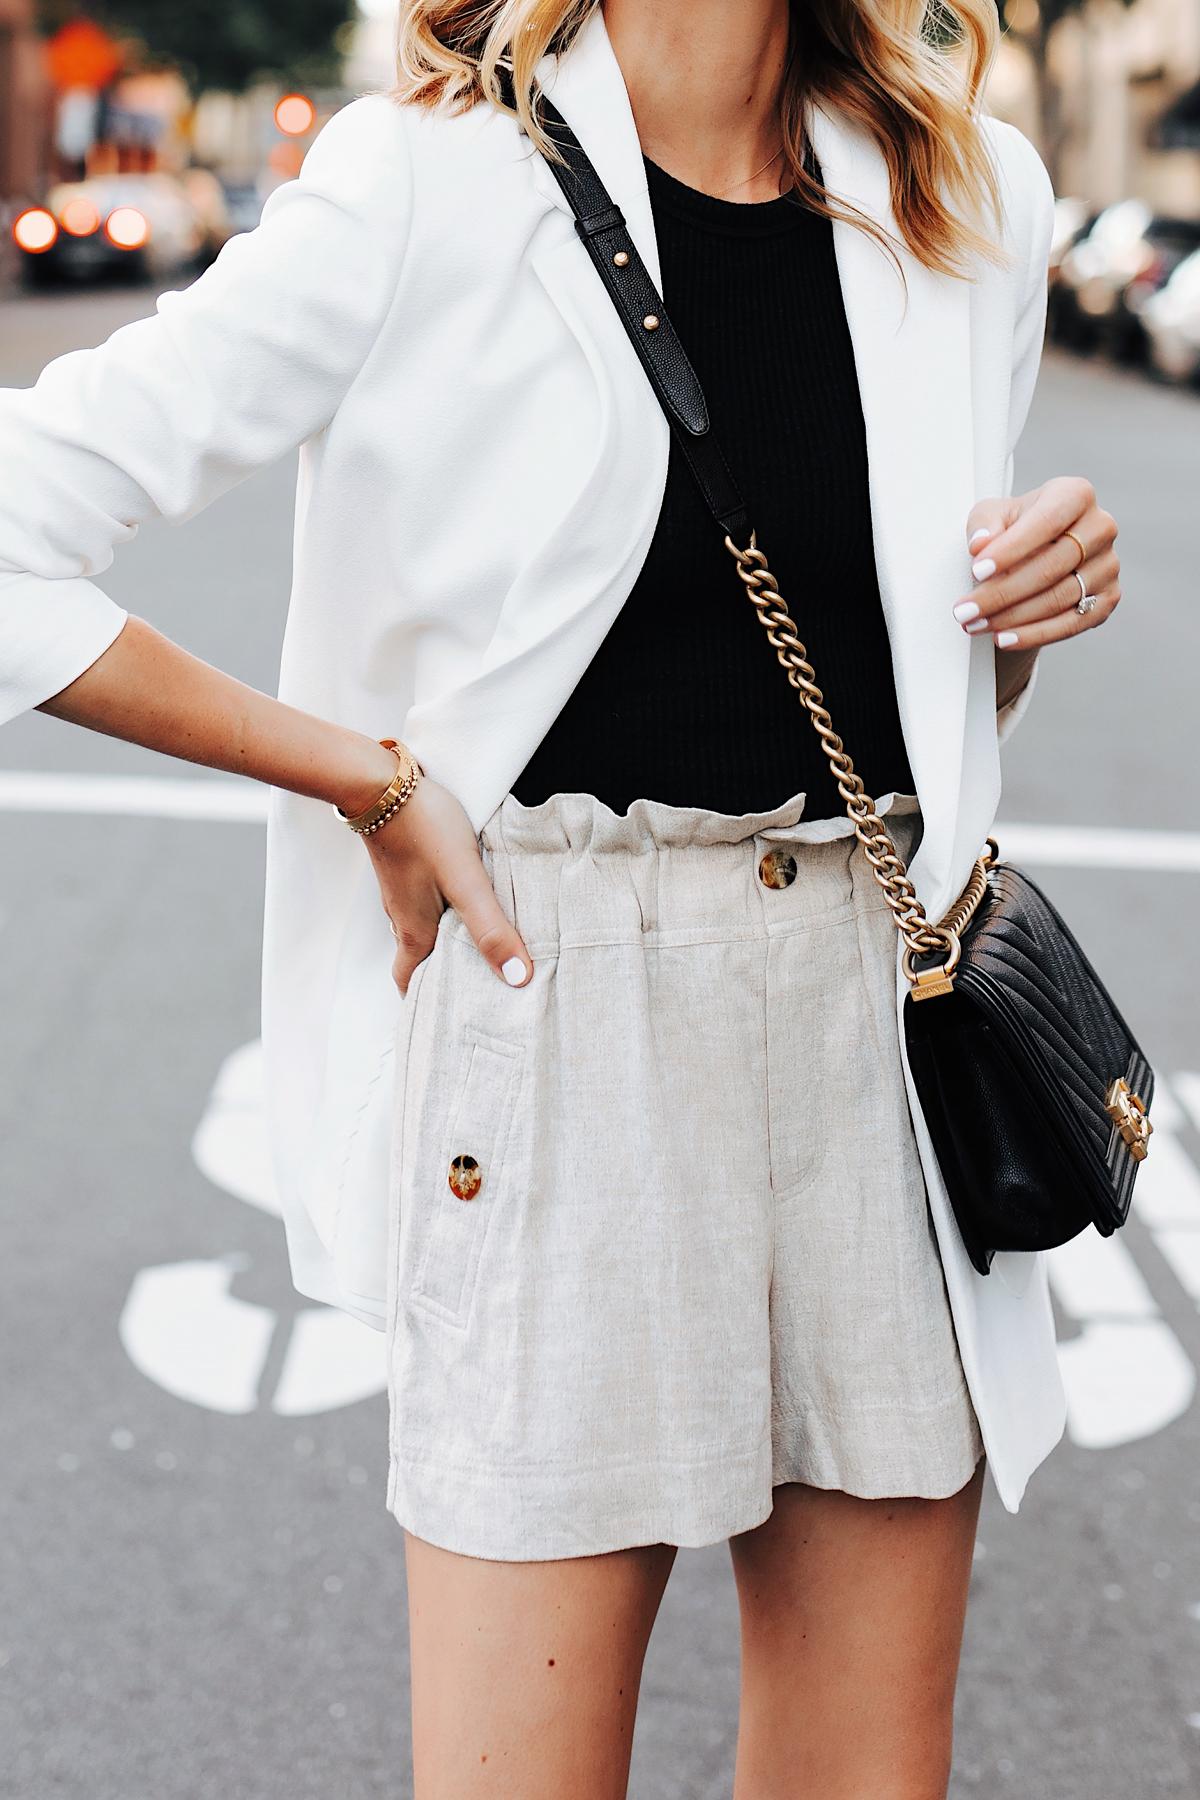 Fashion Jackson Wearing Long White Blazer Black Top Topshop Tan Linen Shorts Chanel Black Boy Bag